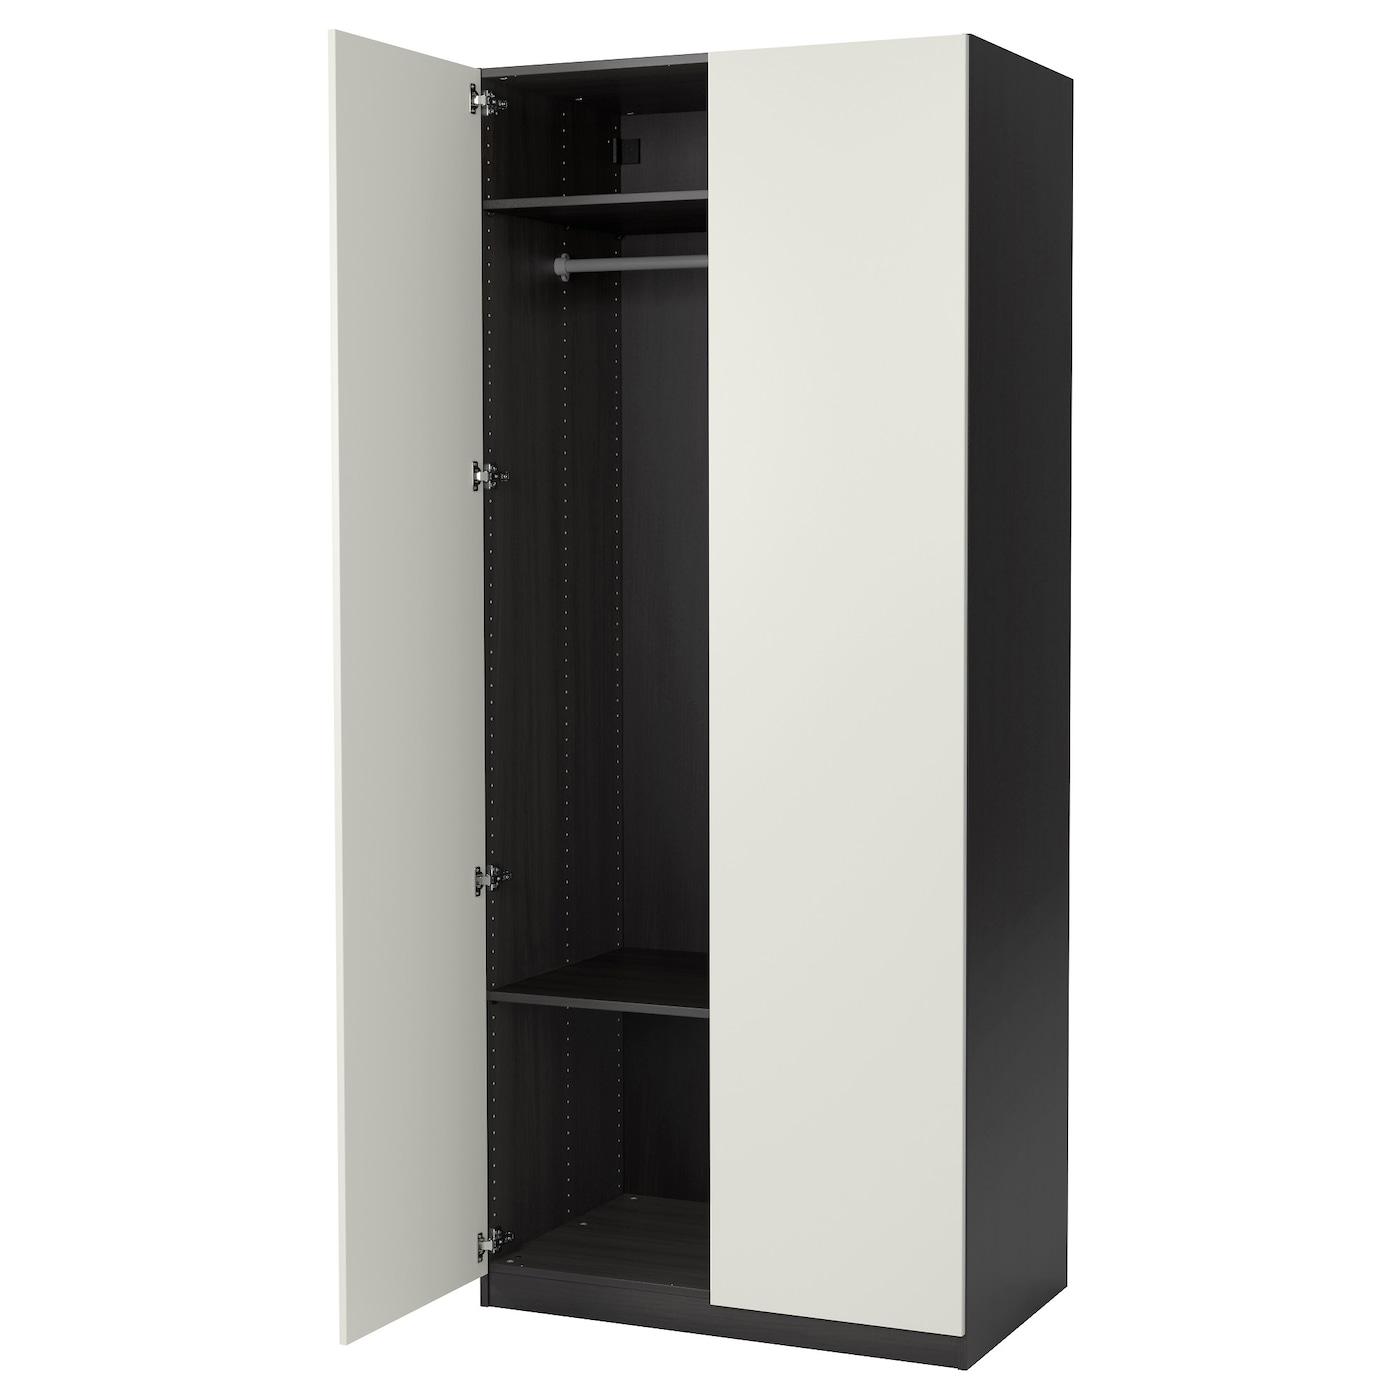 pax syst me combinaisons avec portes ikea. Black Bedroom Furniture Sets. Home Design Ideas